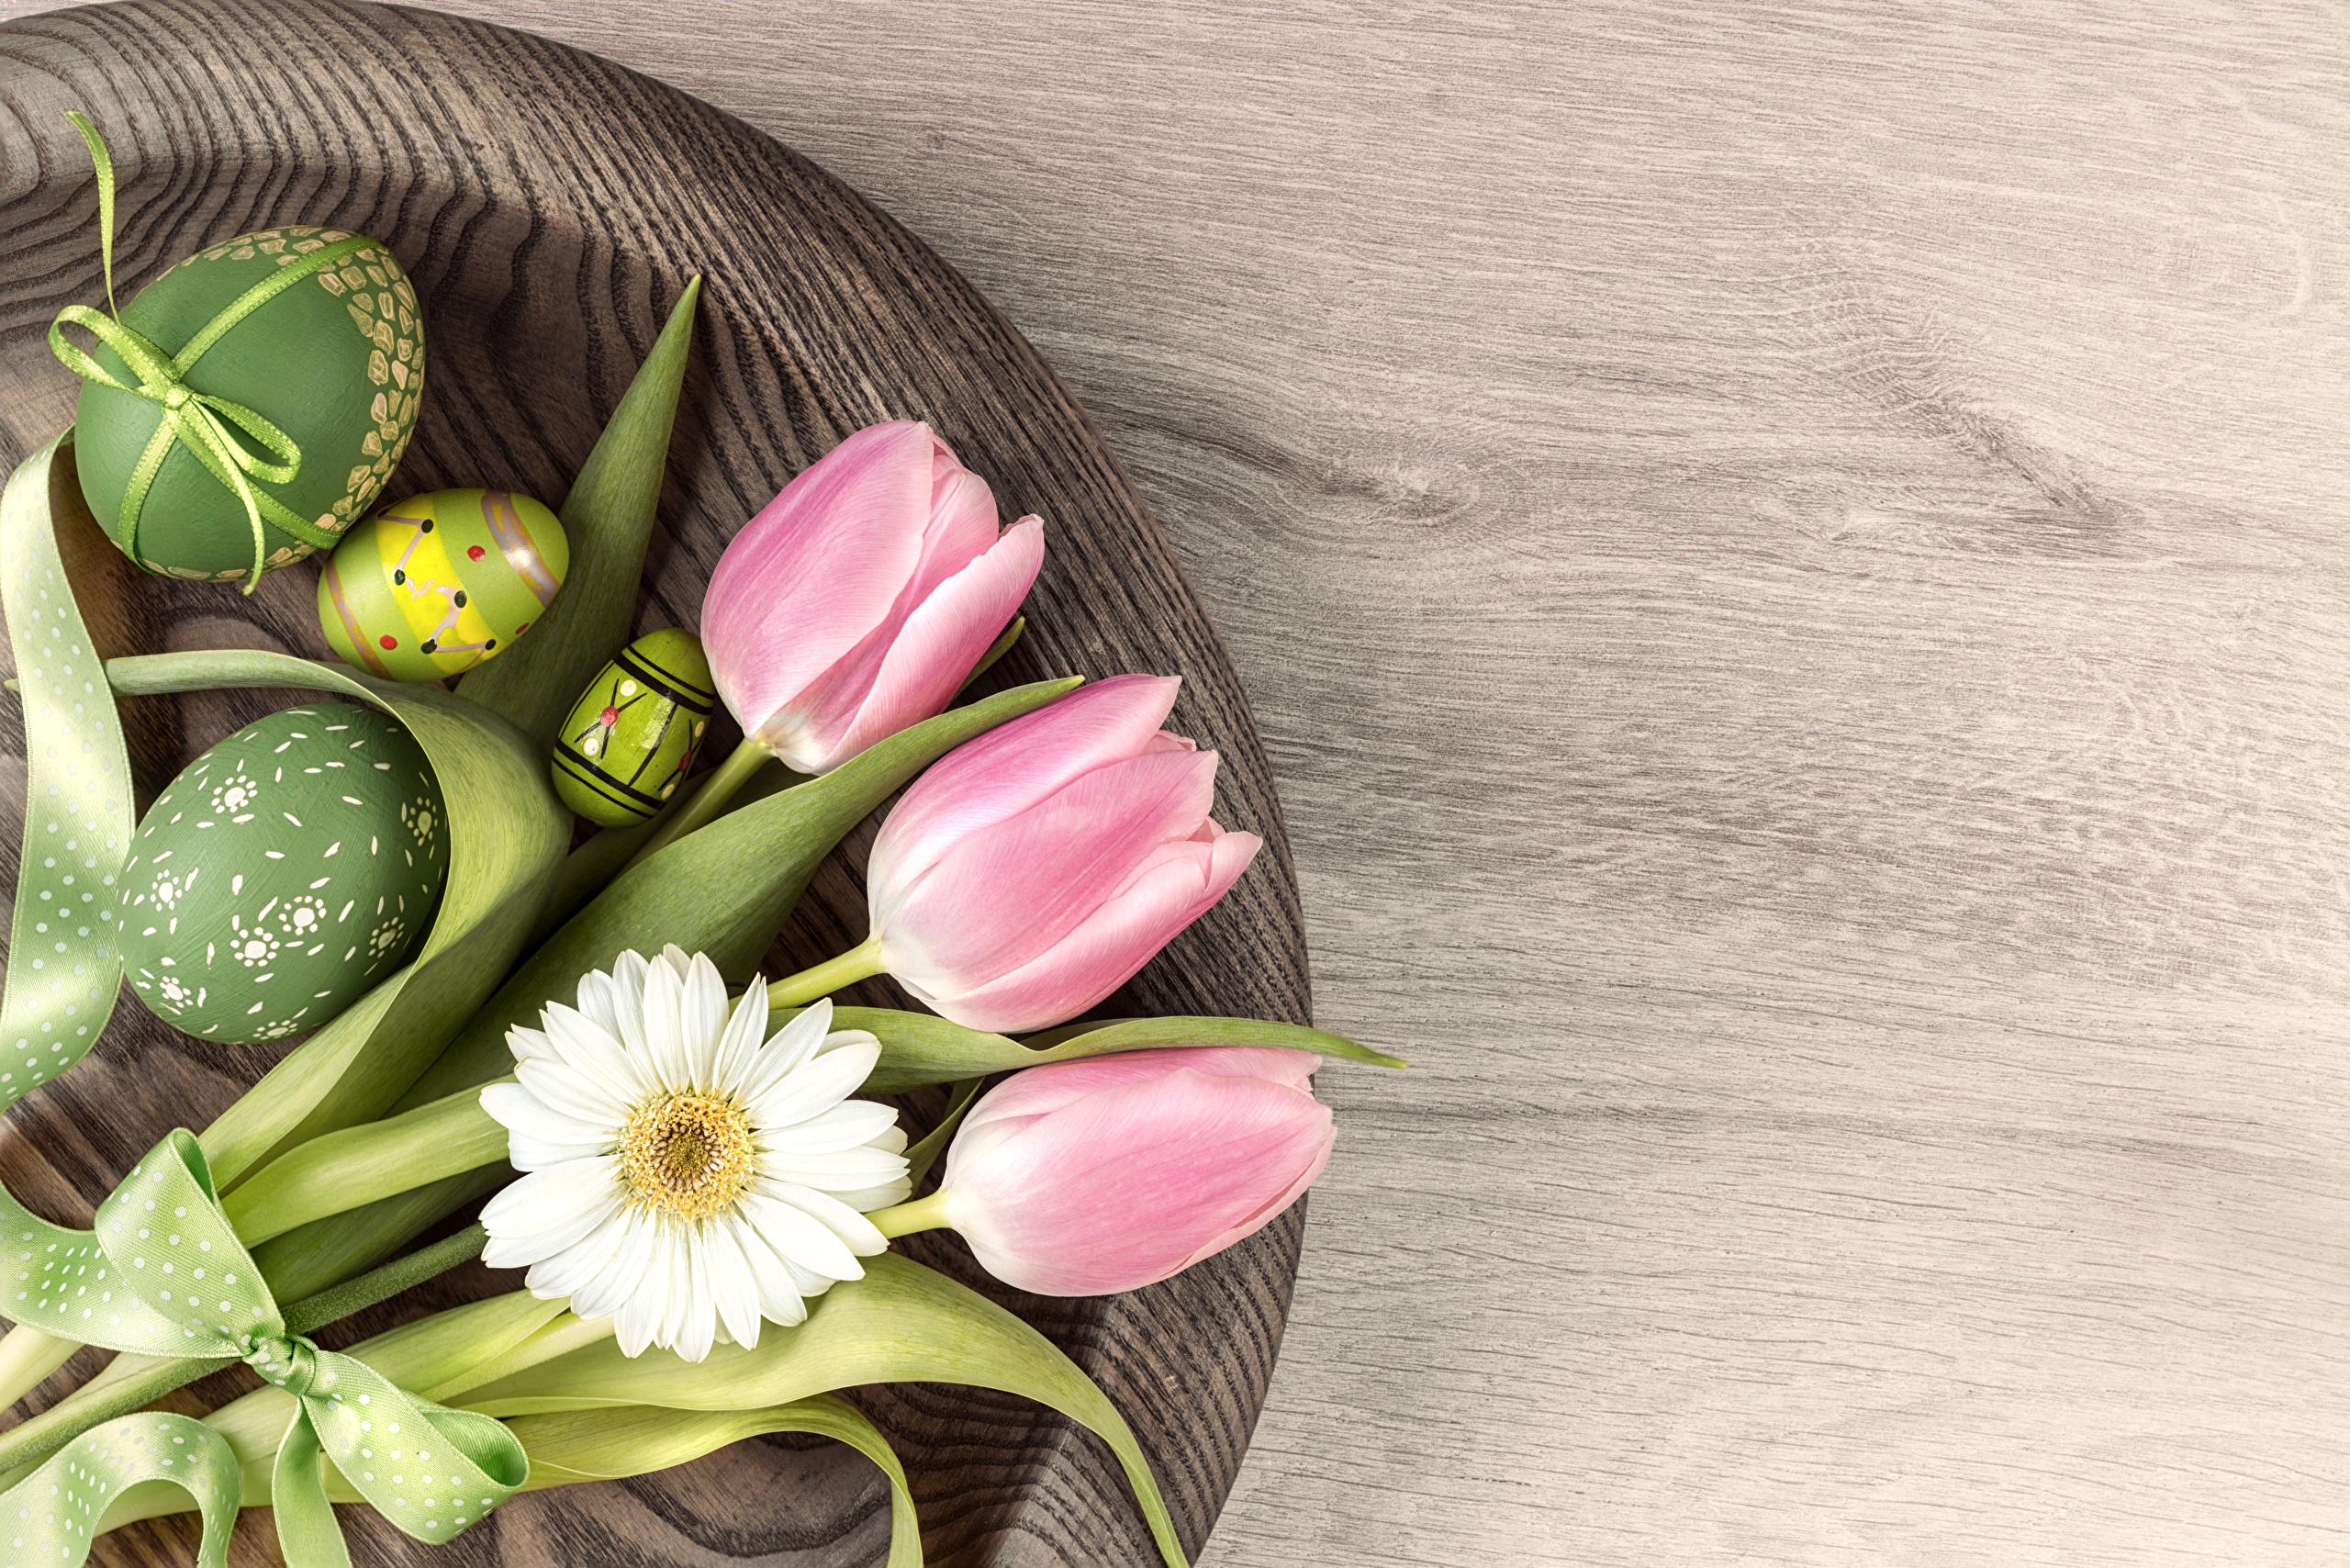 Обои для рабочего стола Пасха яйцами тюльпан Цветы ромашка дизайна 2560x1708 яиц Яйца яйцо Тюльпаны цветок Ромашки Дизайн